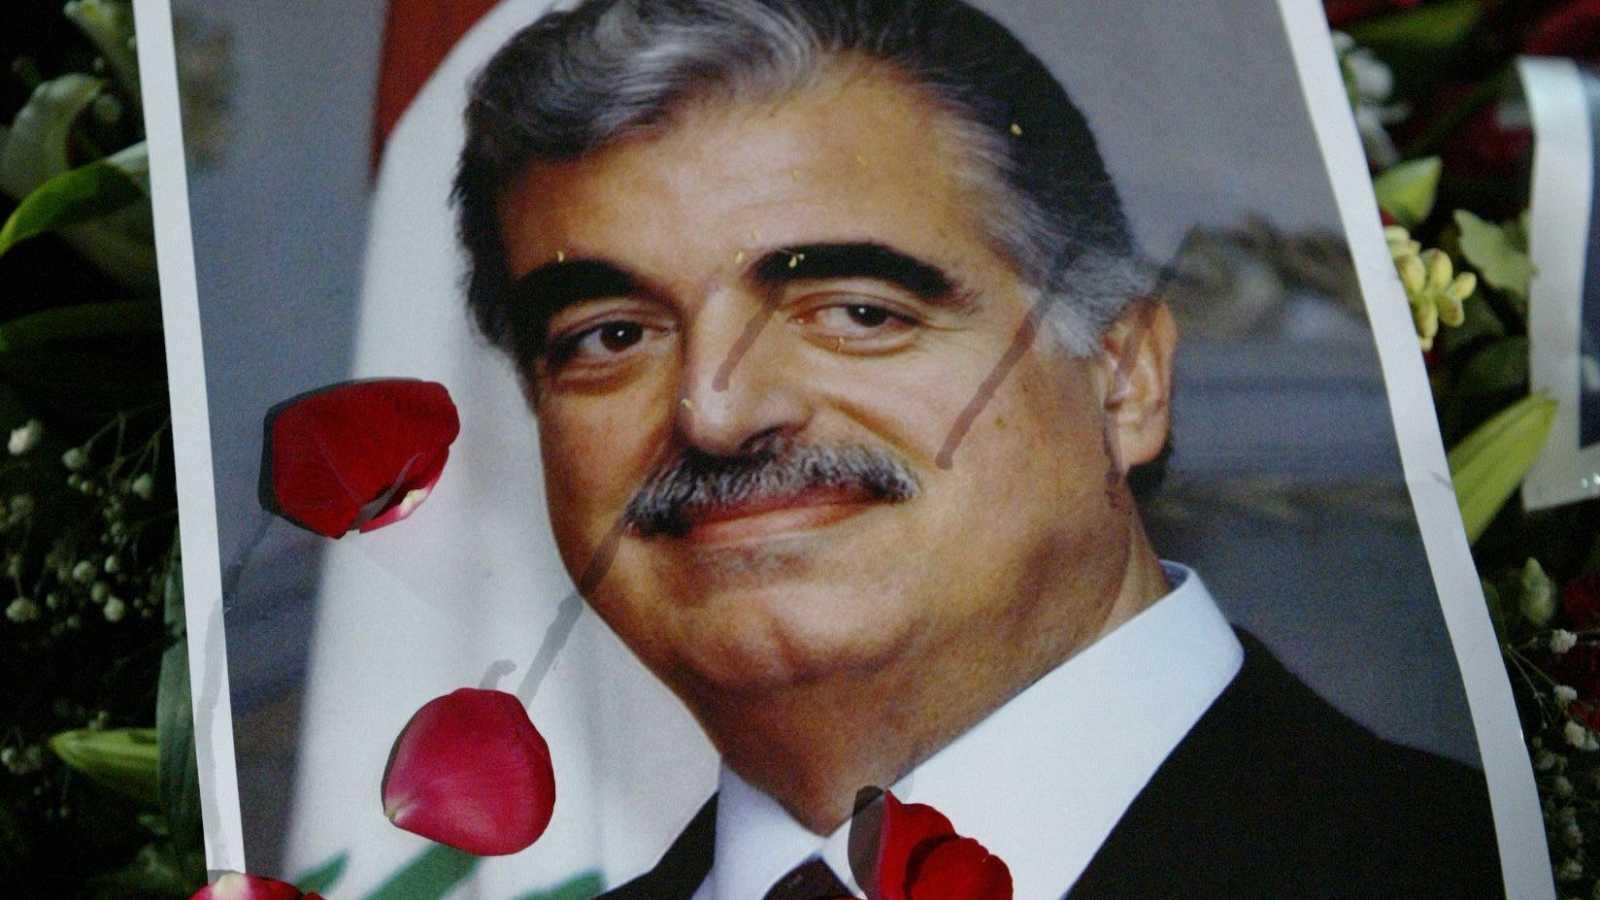 En esta foto de archivo tomada el 16 de febrero de 2005, la tumba del ex primer ministro libanés asesinado Rafiq Hariri (retrato) está cubierta de flores después de su funeral en el centro de Beirut.